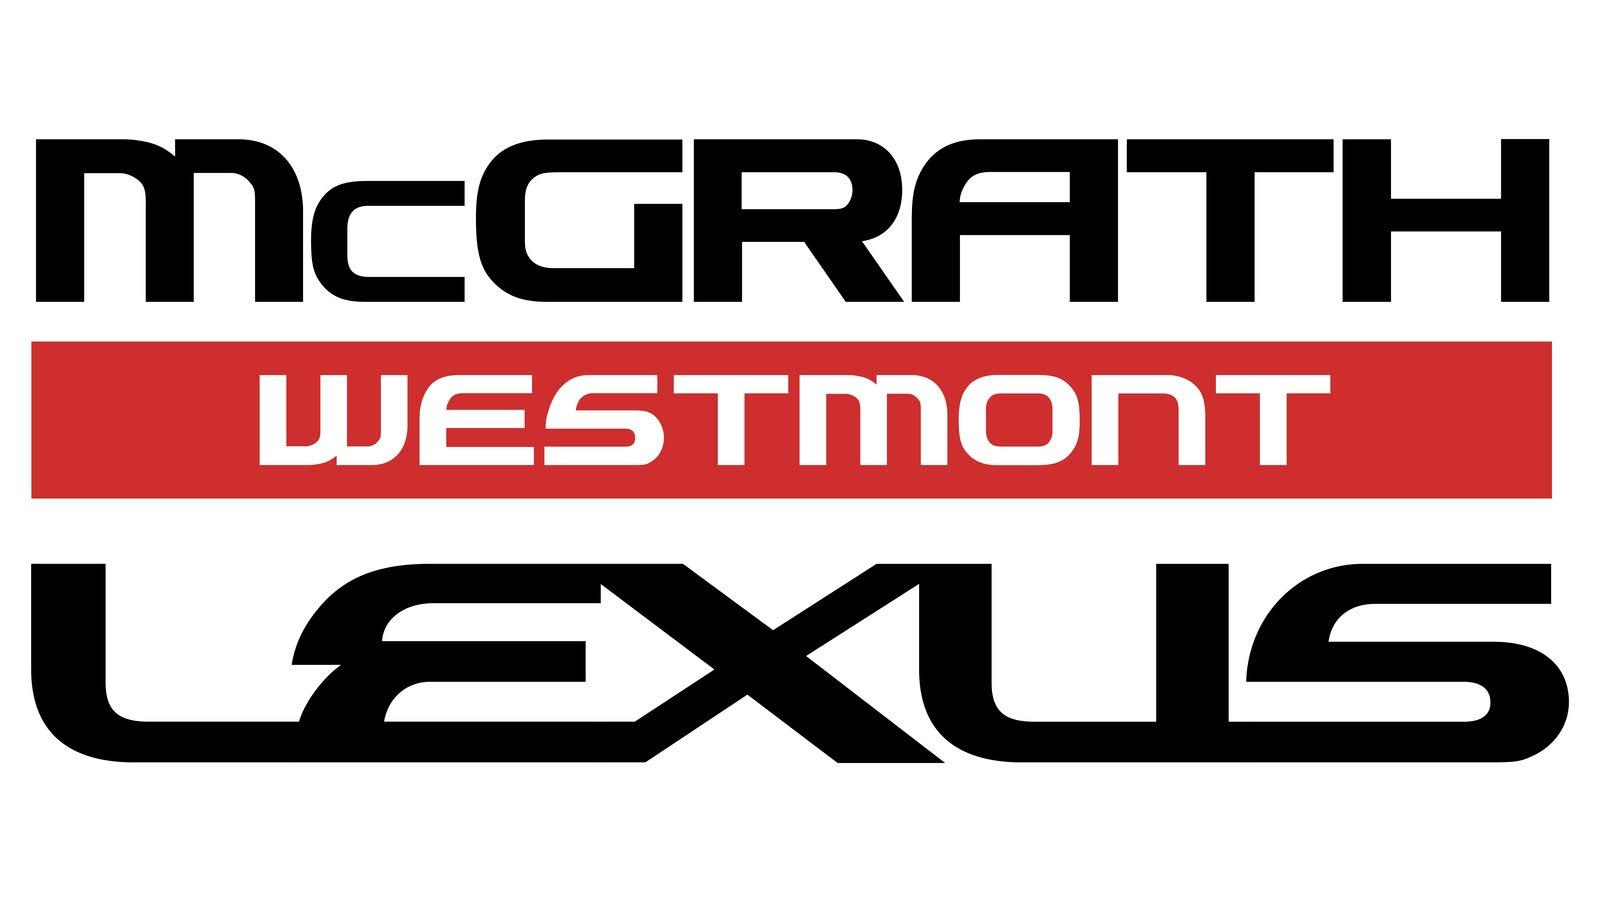 McGrath Lexus of Westmont - Westmont, IL: Read Consumer ...